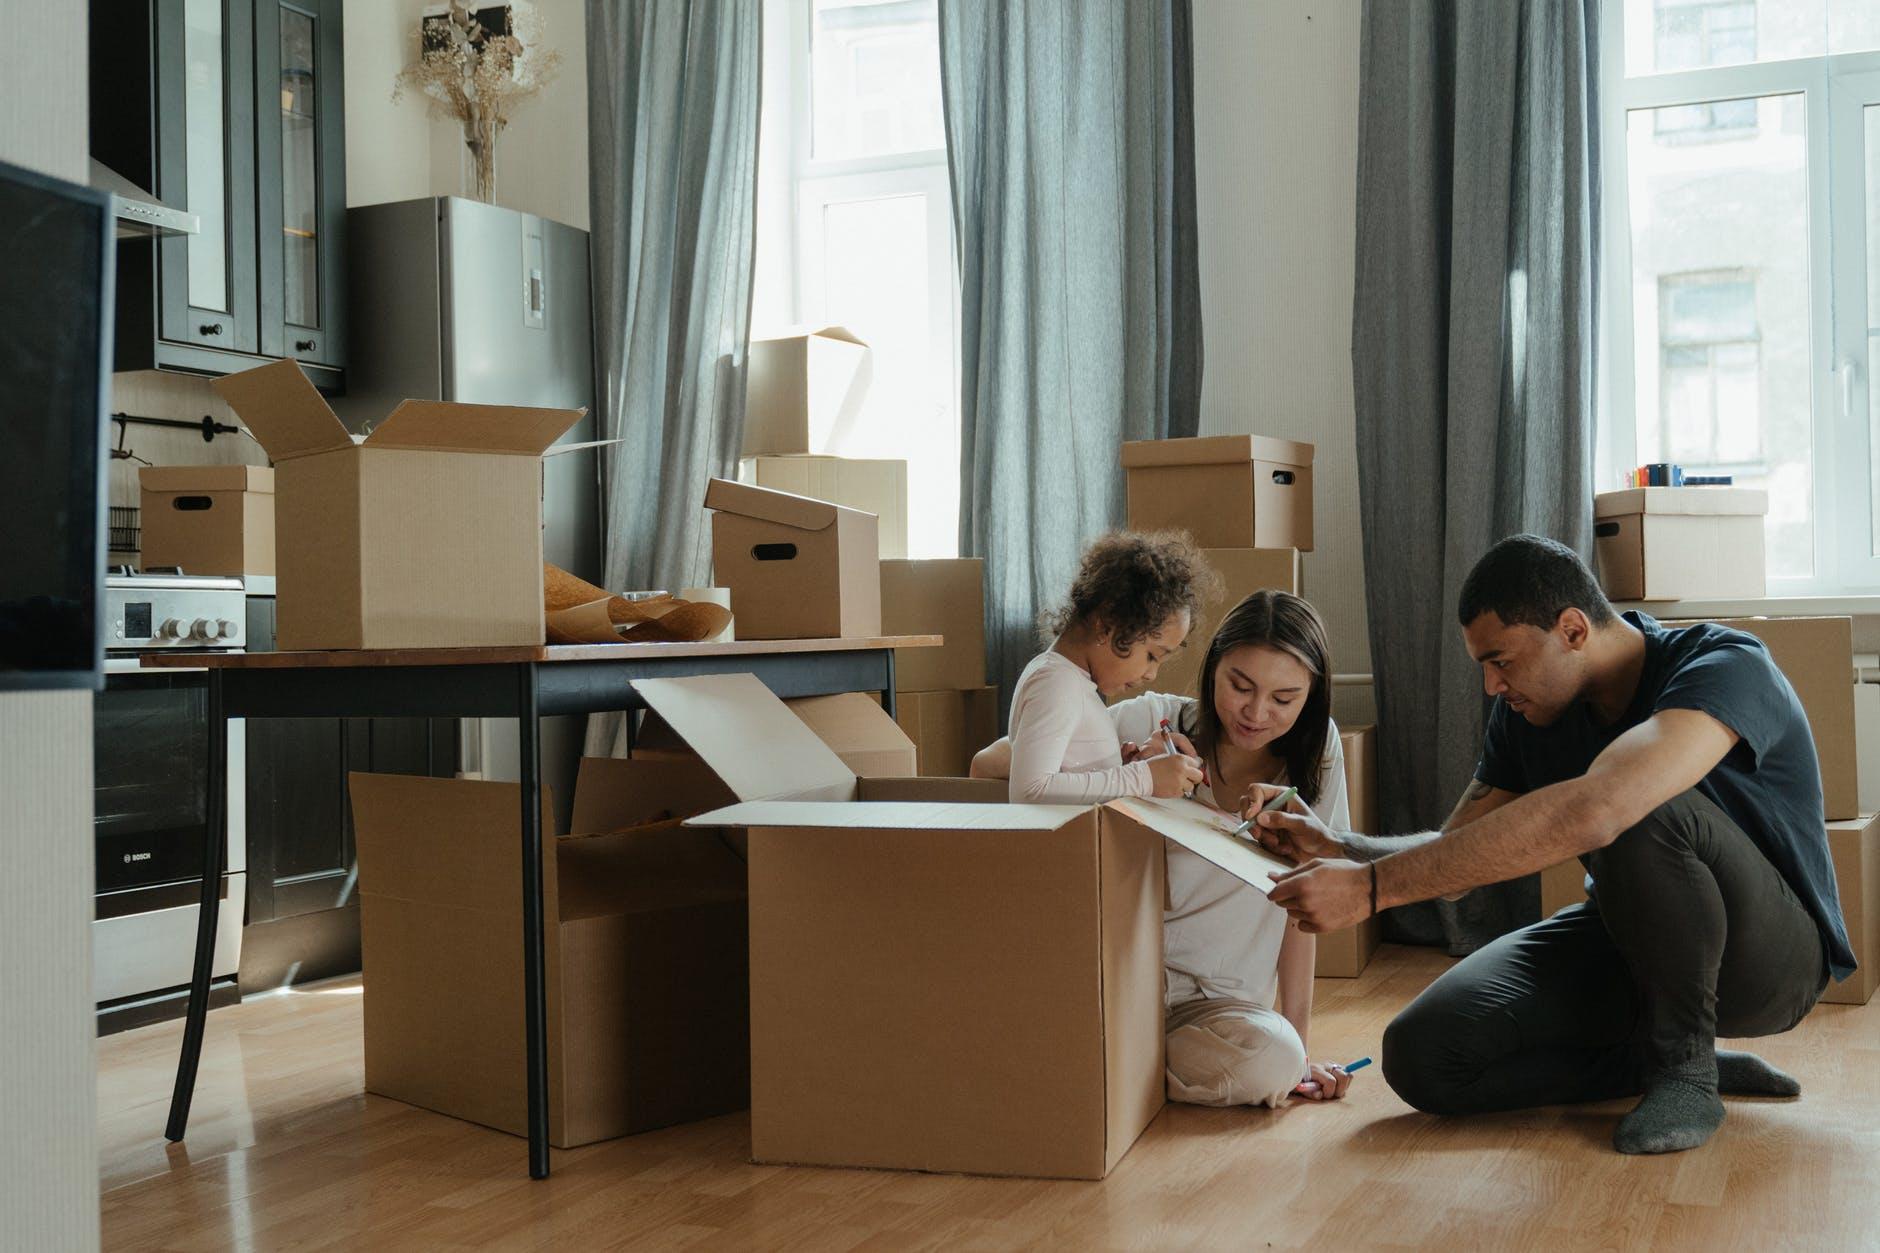 une famille emballe ses cartons pour déménager